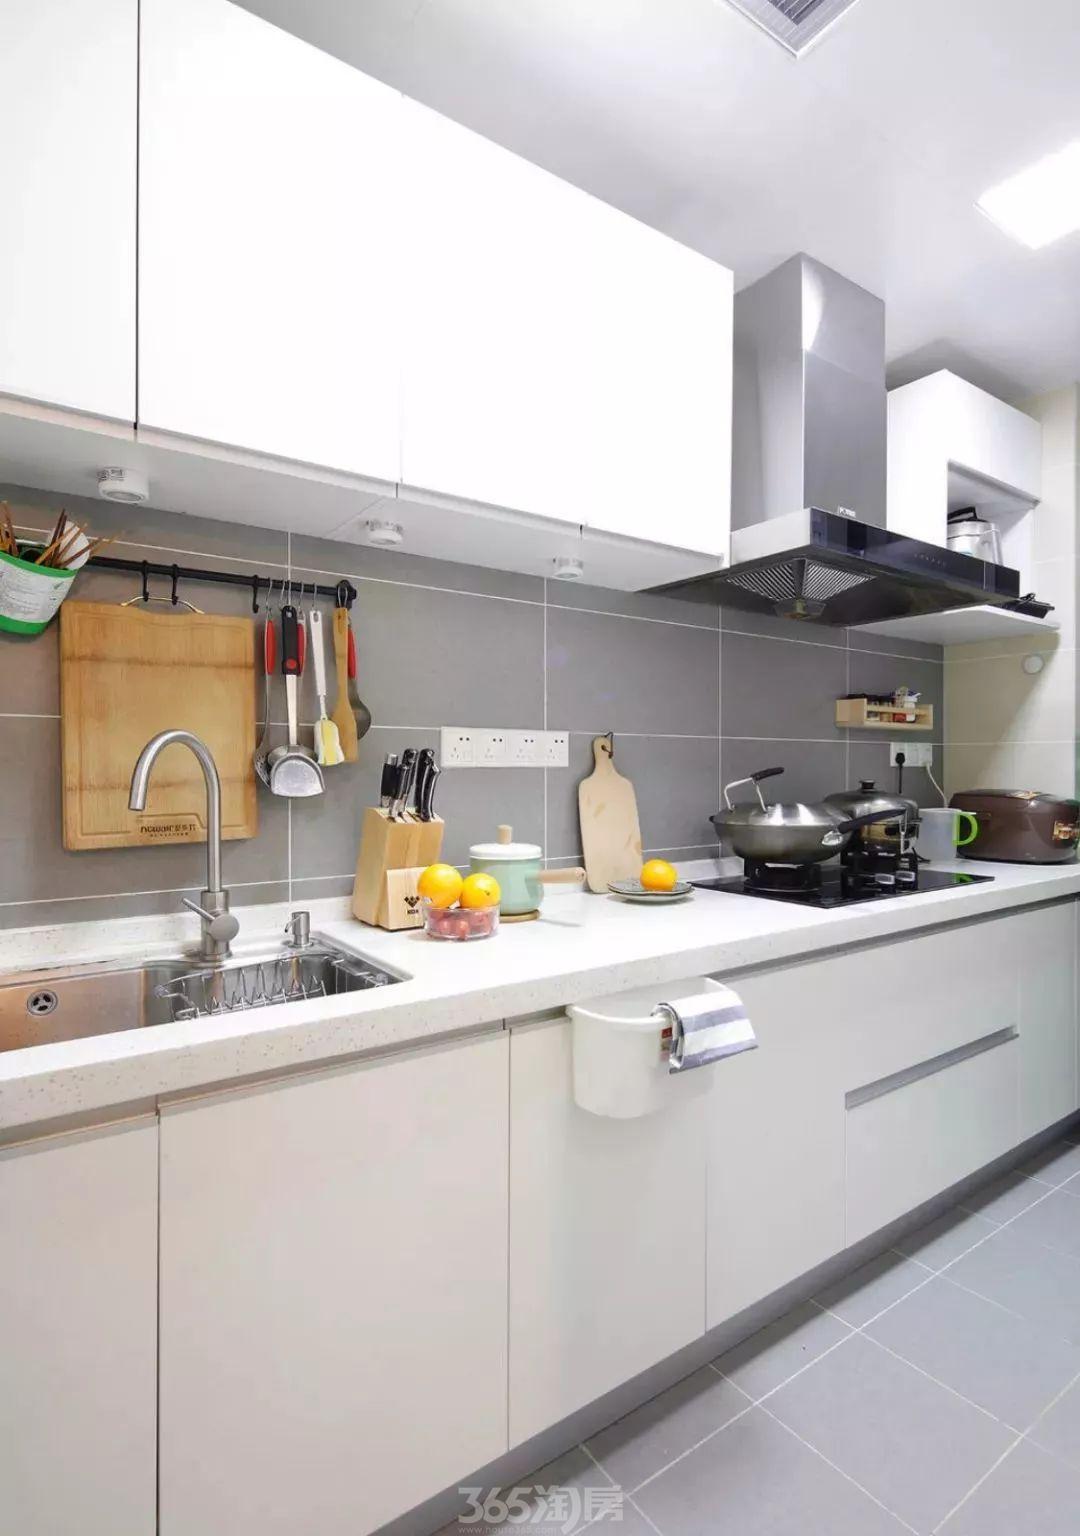 小户型厨房该如何搭配橱柜和墙地砖?看看别人家的做法